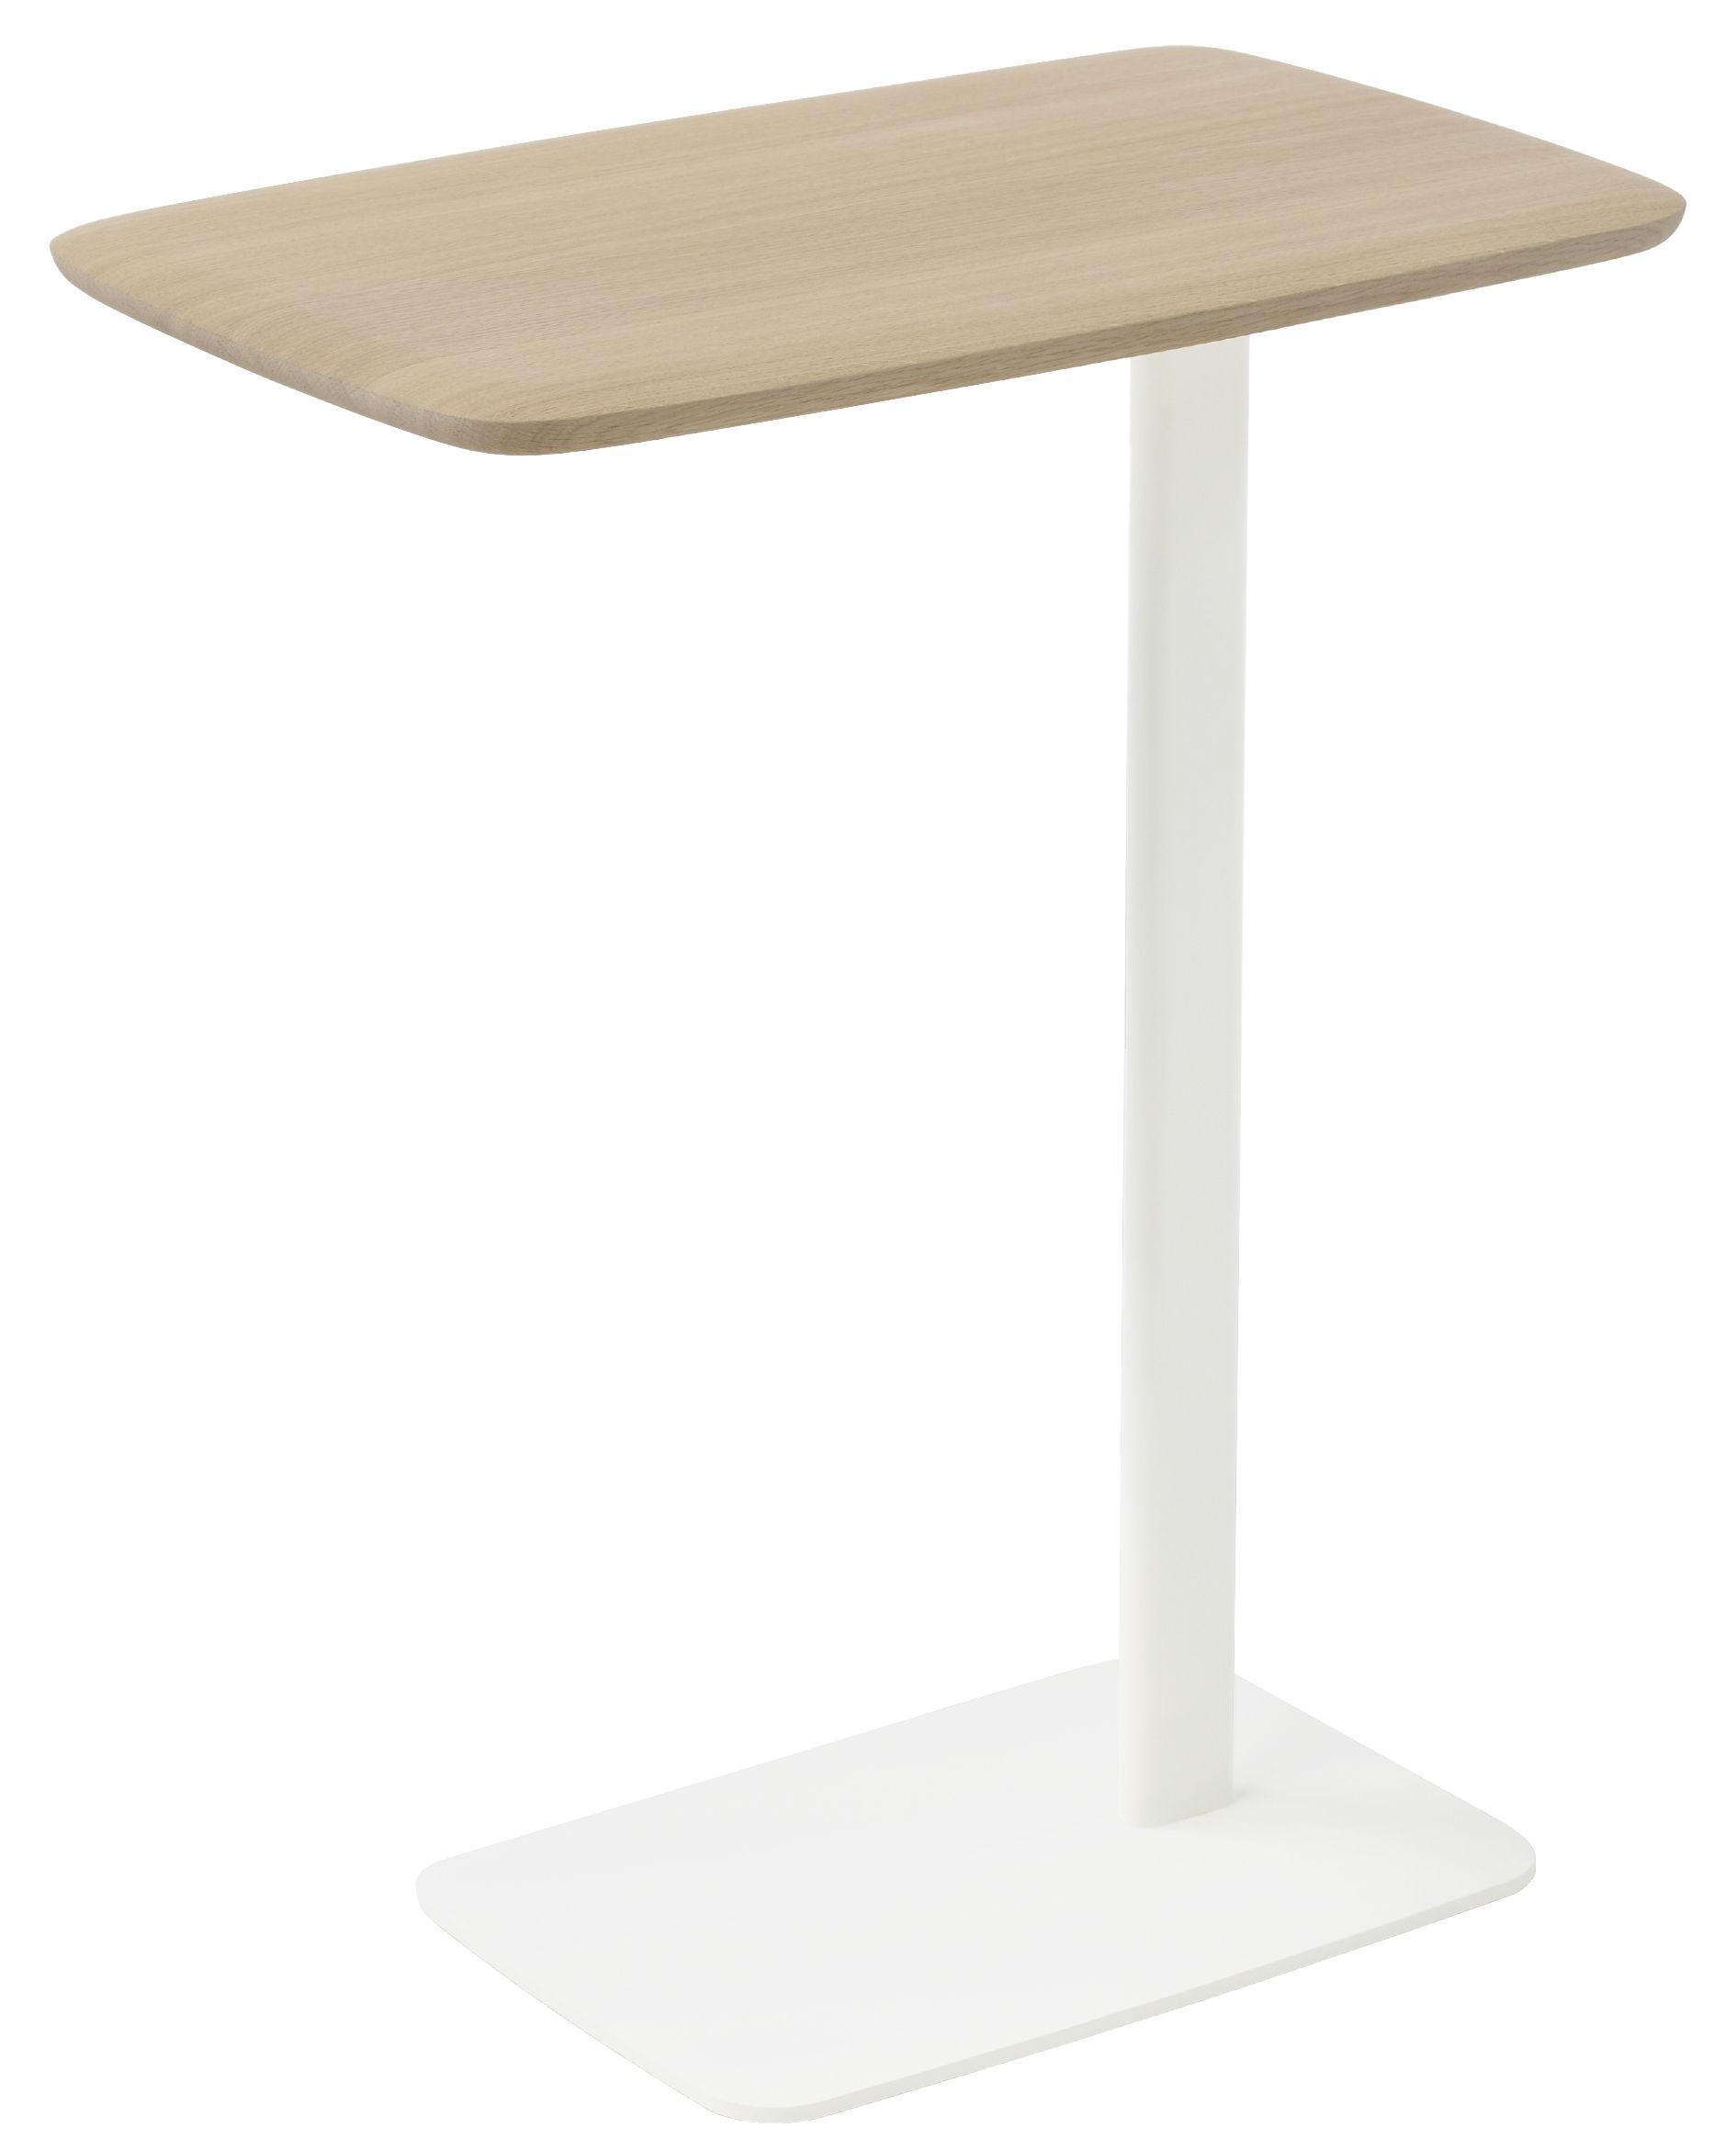 Table d 39 appoint ustensils h 63 cm pour ordi portable for Table d appoint ordinateur